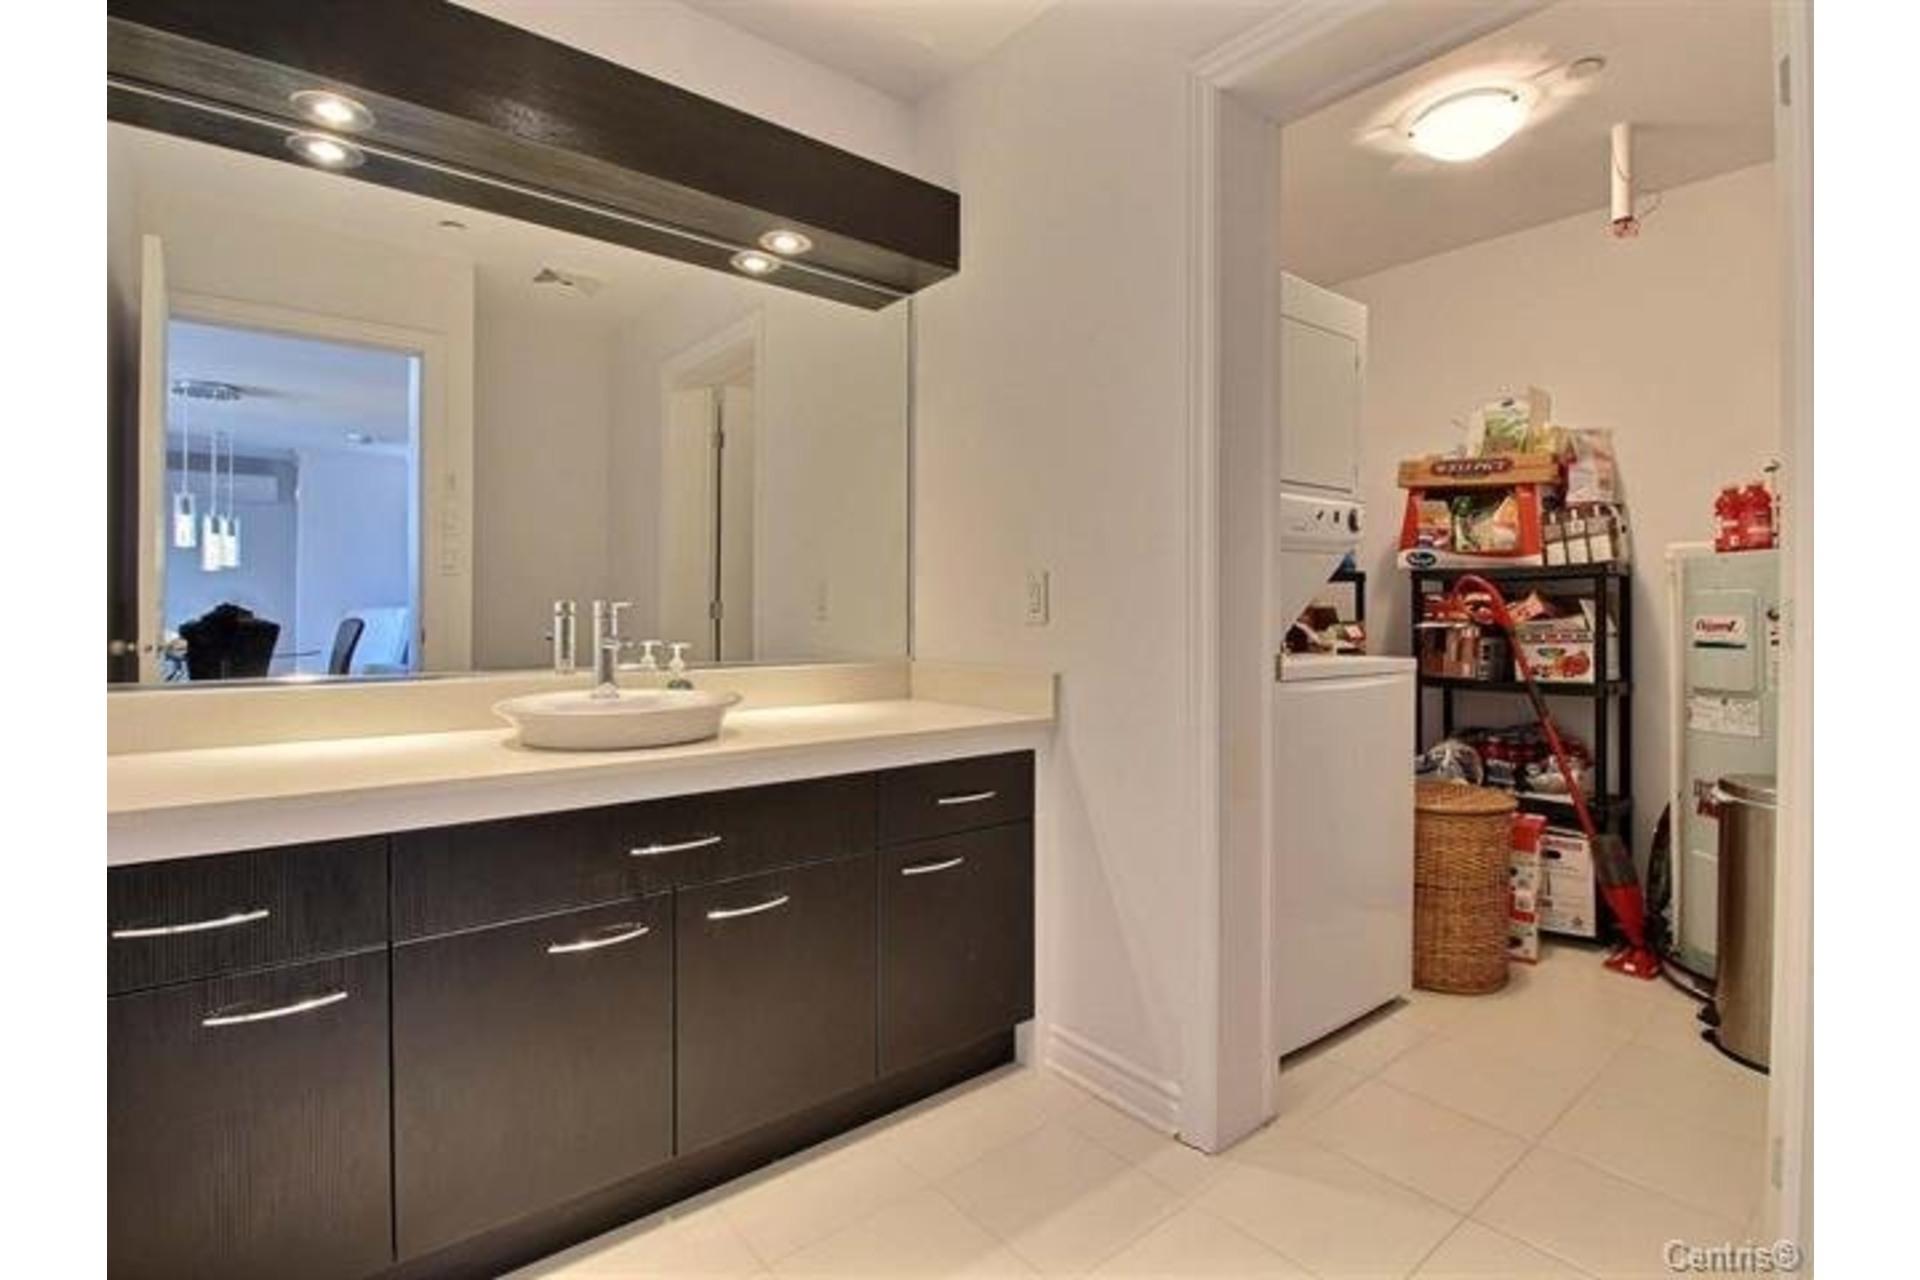 image 14 - Apartment For sale Montréal Pierrefonds-Roxboro  - 7 rooms